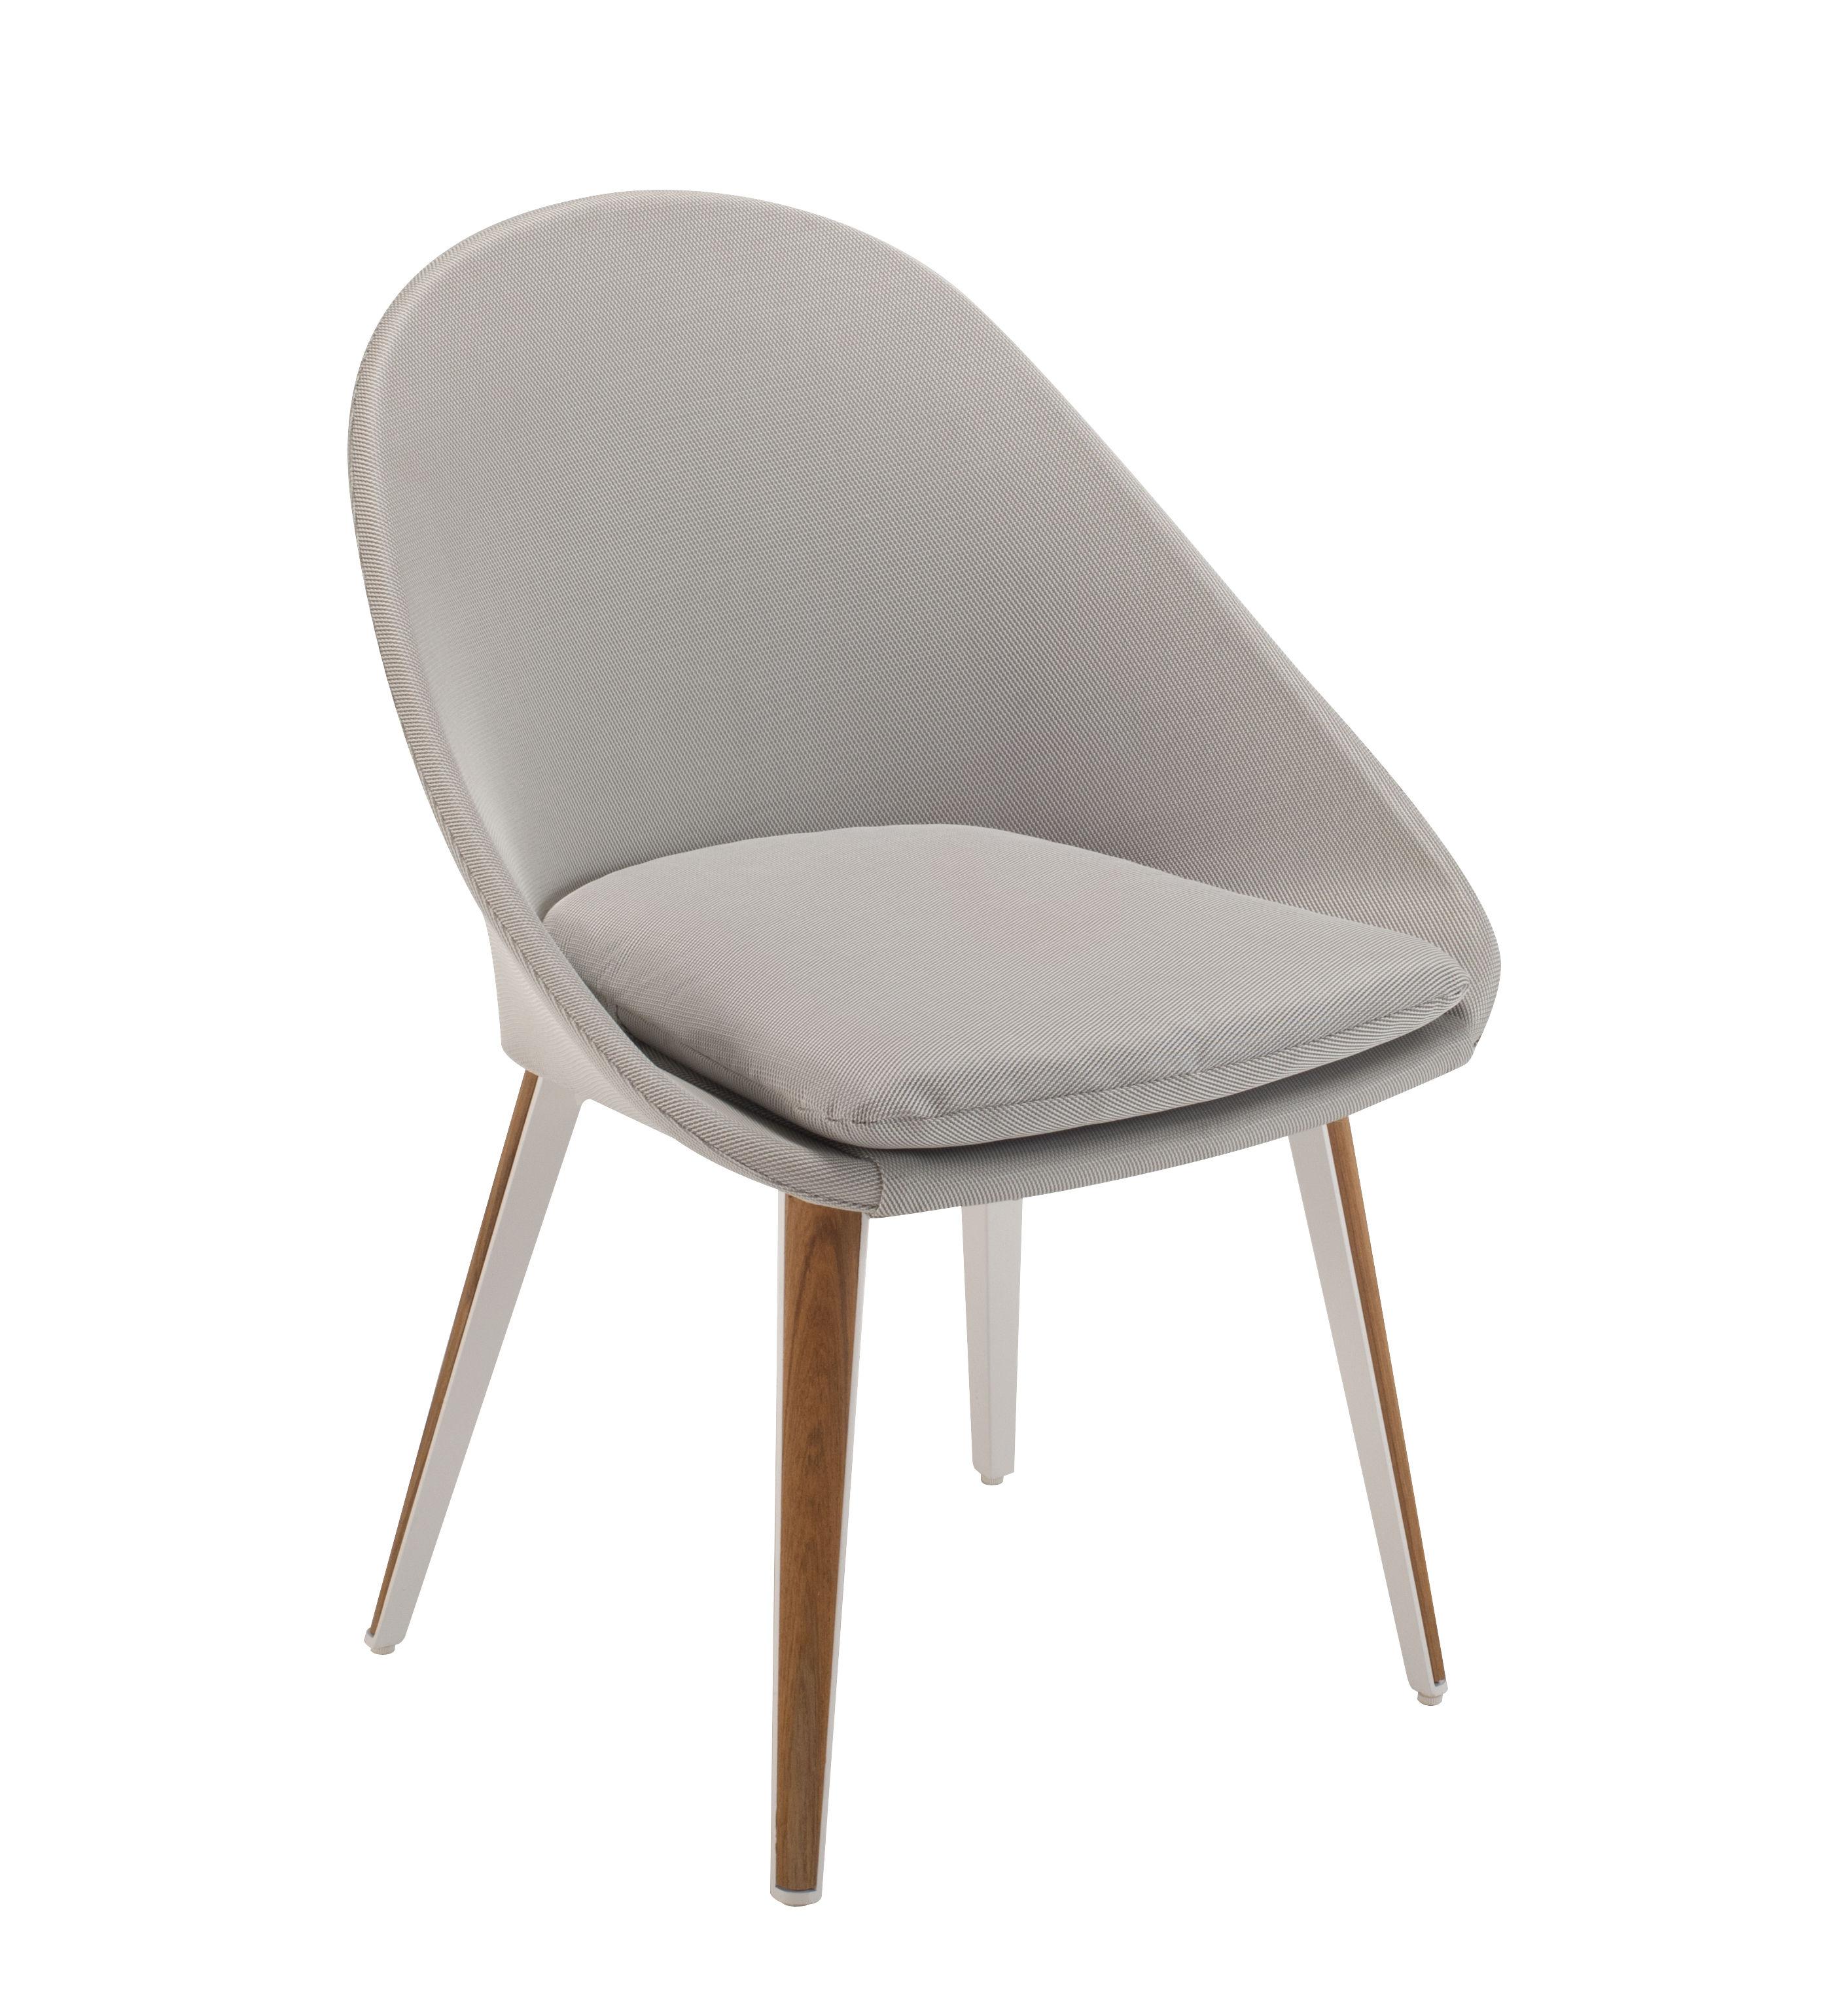 mobilier chaises fauteuils de salle a manger fauteuil rembourre vanity tissu